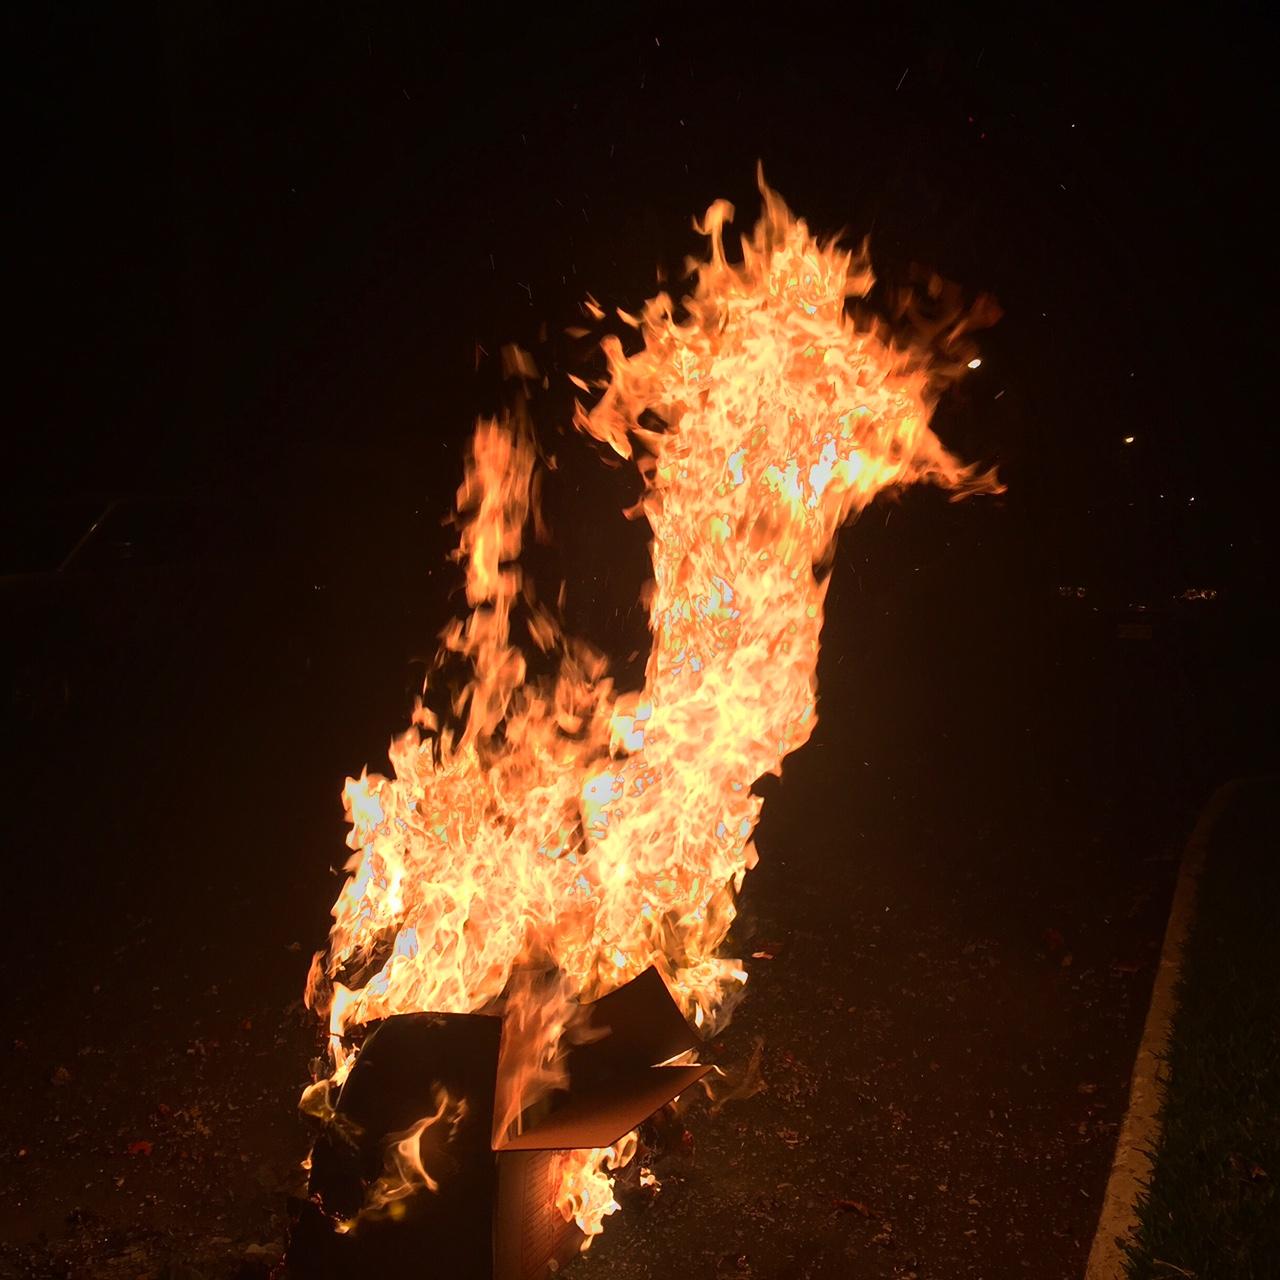 fuego-luis-figueroa